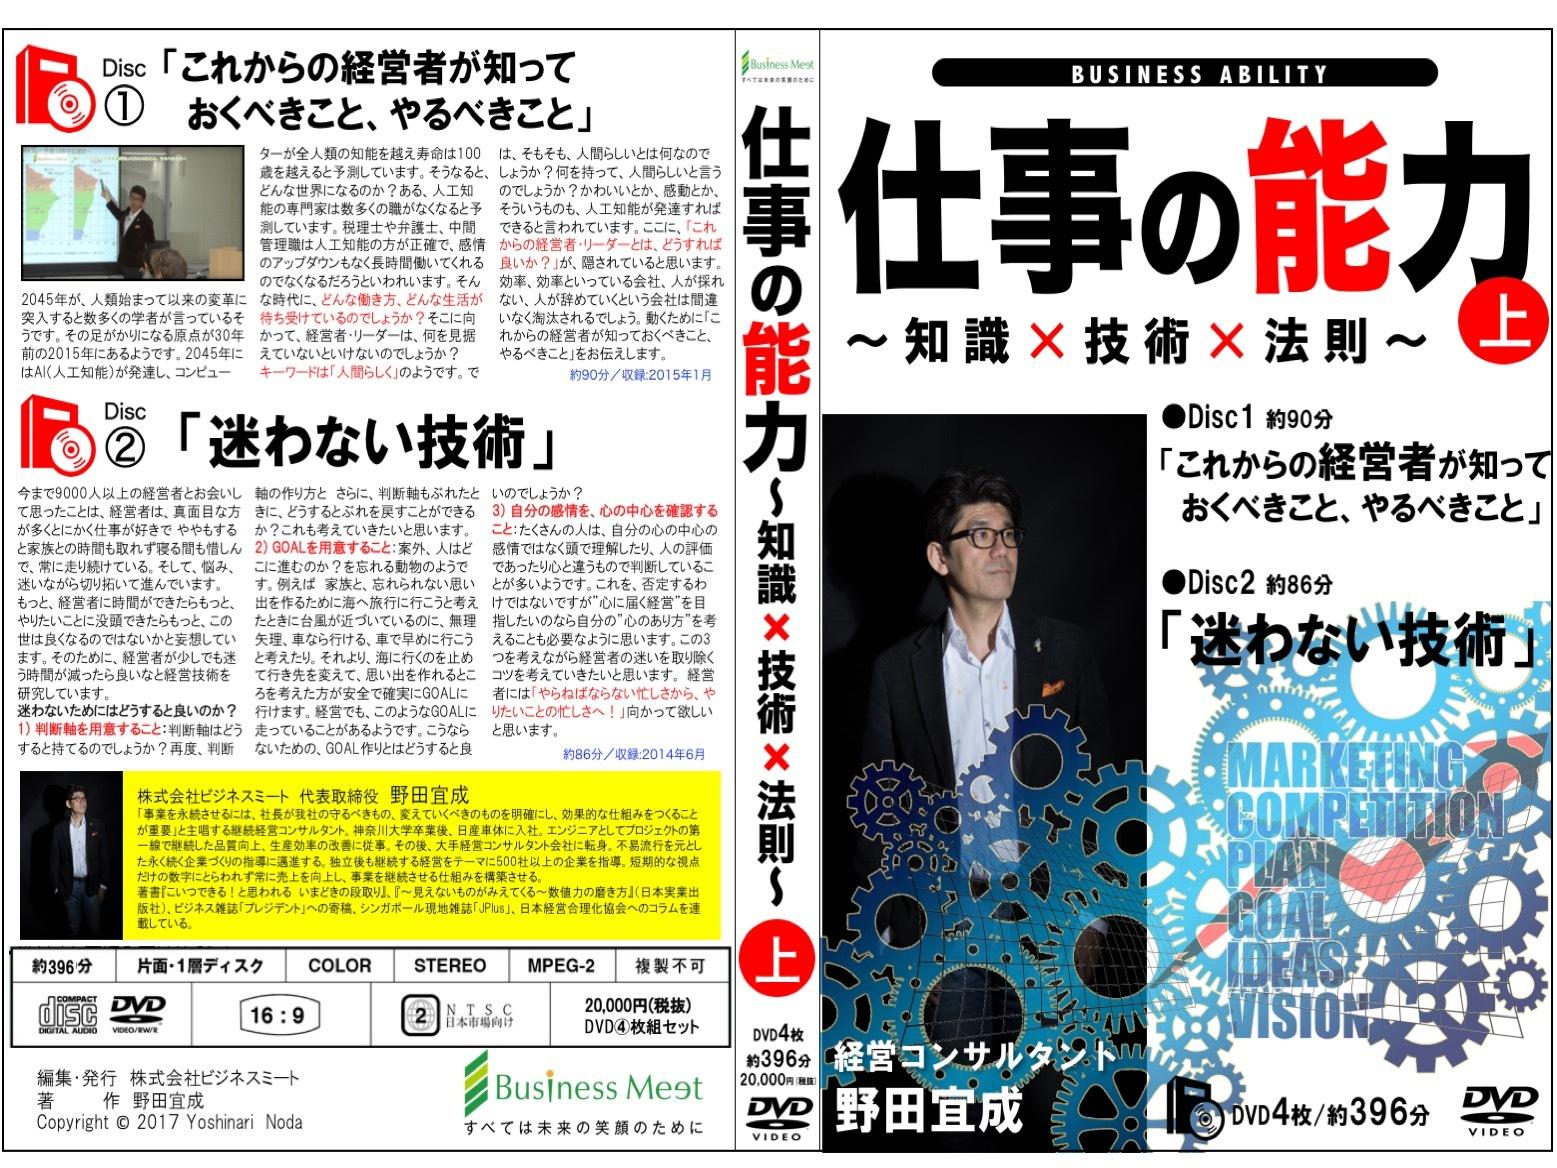 仕事の能力[BUSINESS ABILITY]〜知識×技術×法則〜上・下巻セット